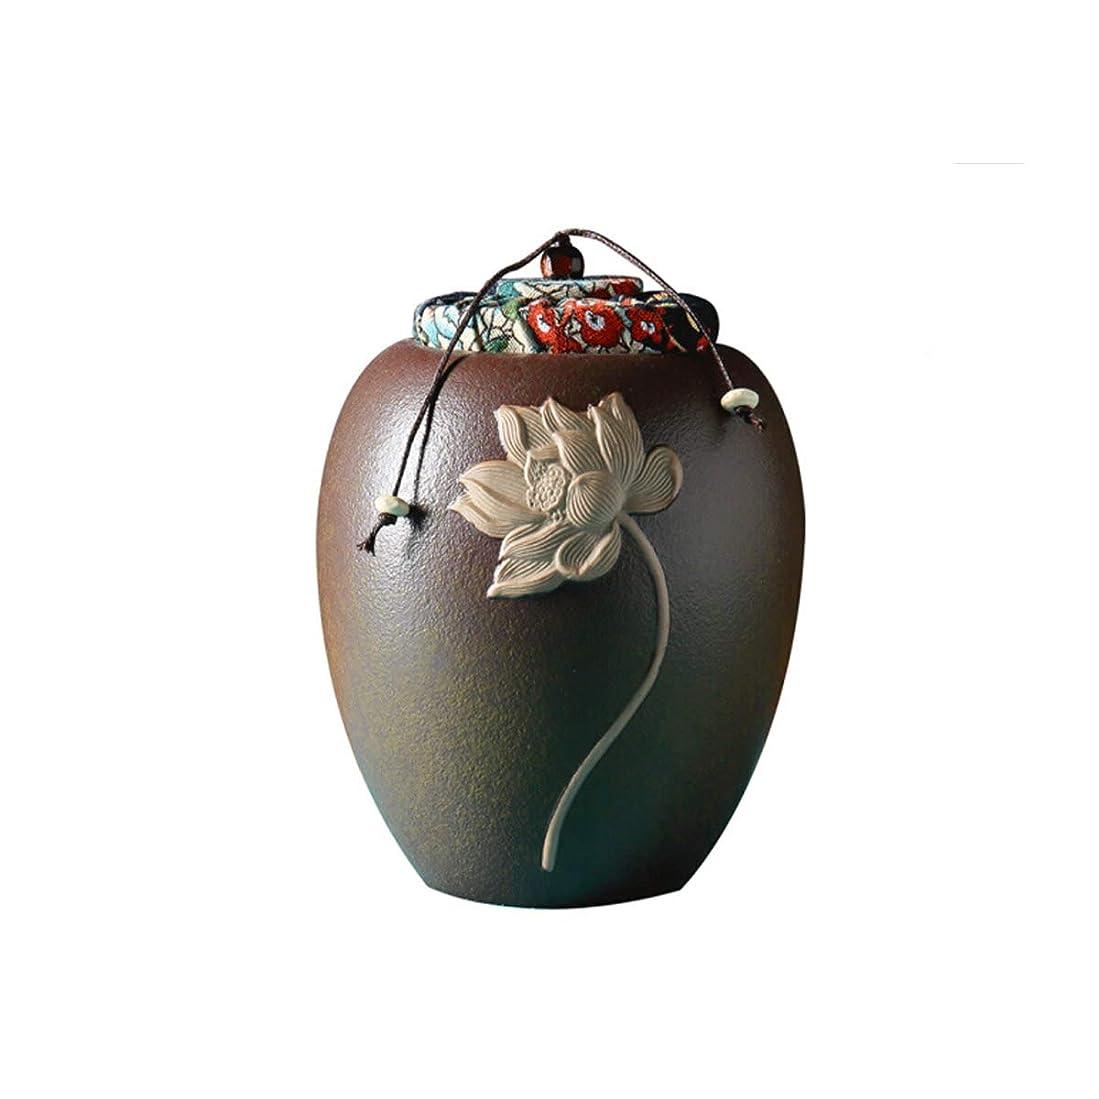 委任任命する前置詞SHENGSHIHUIZHONG GuyuexuanPet棺桶、骨壷、動物の棺桶、兼用、猫と犬の死のお土産、手作りのセラミック封印された缶 (Color : Brown)